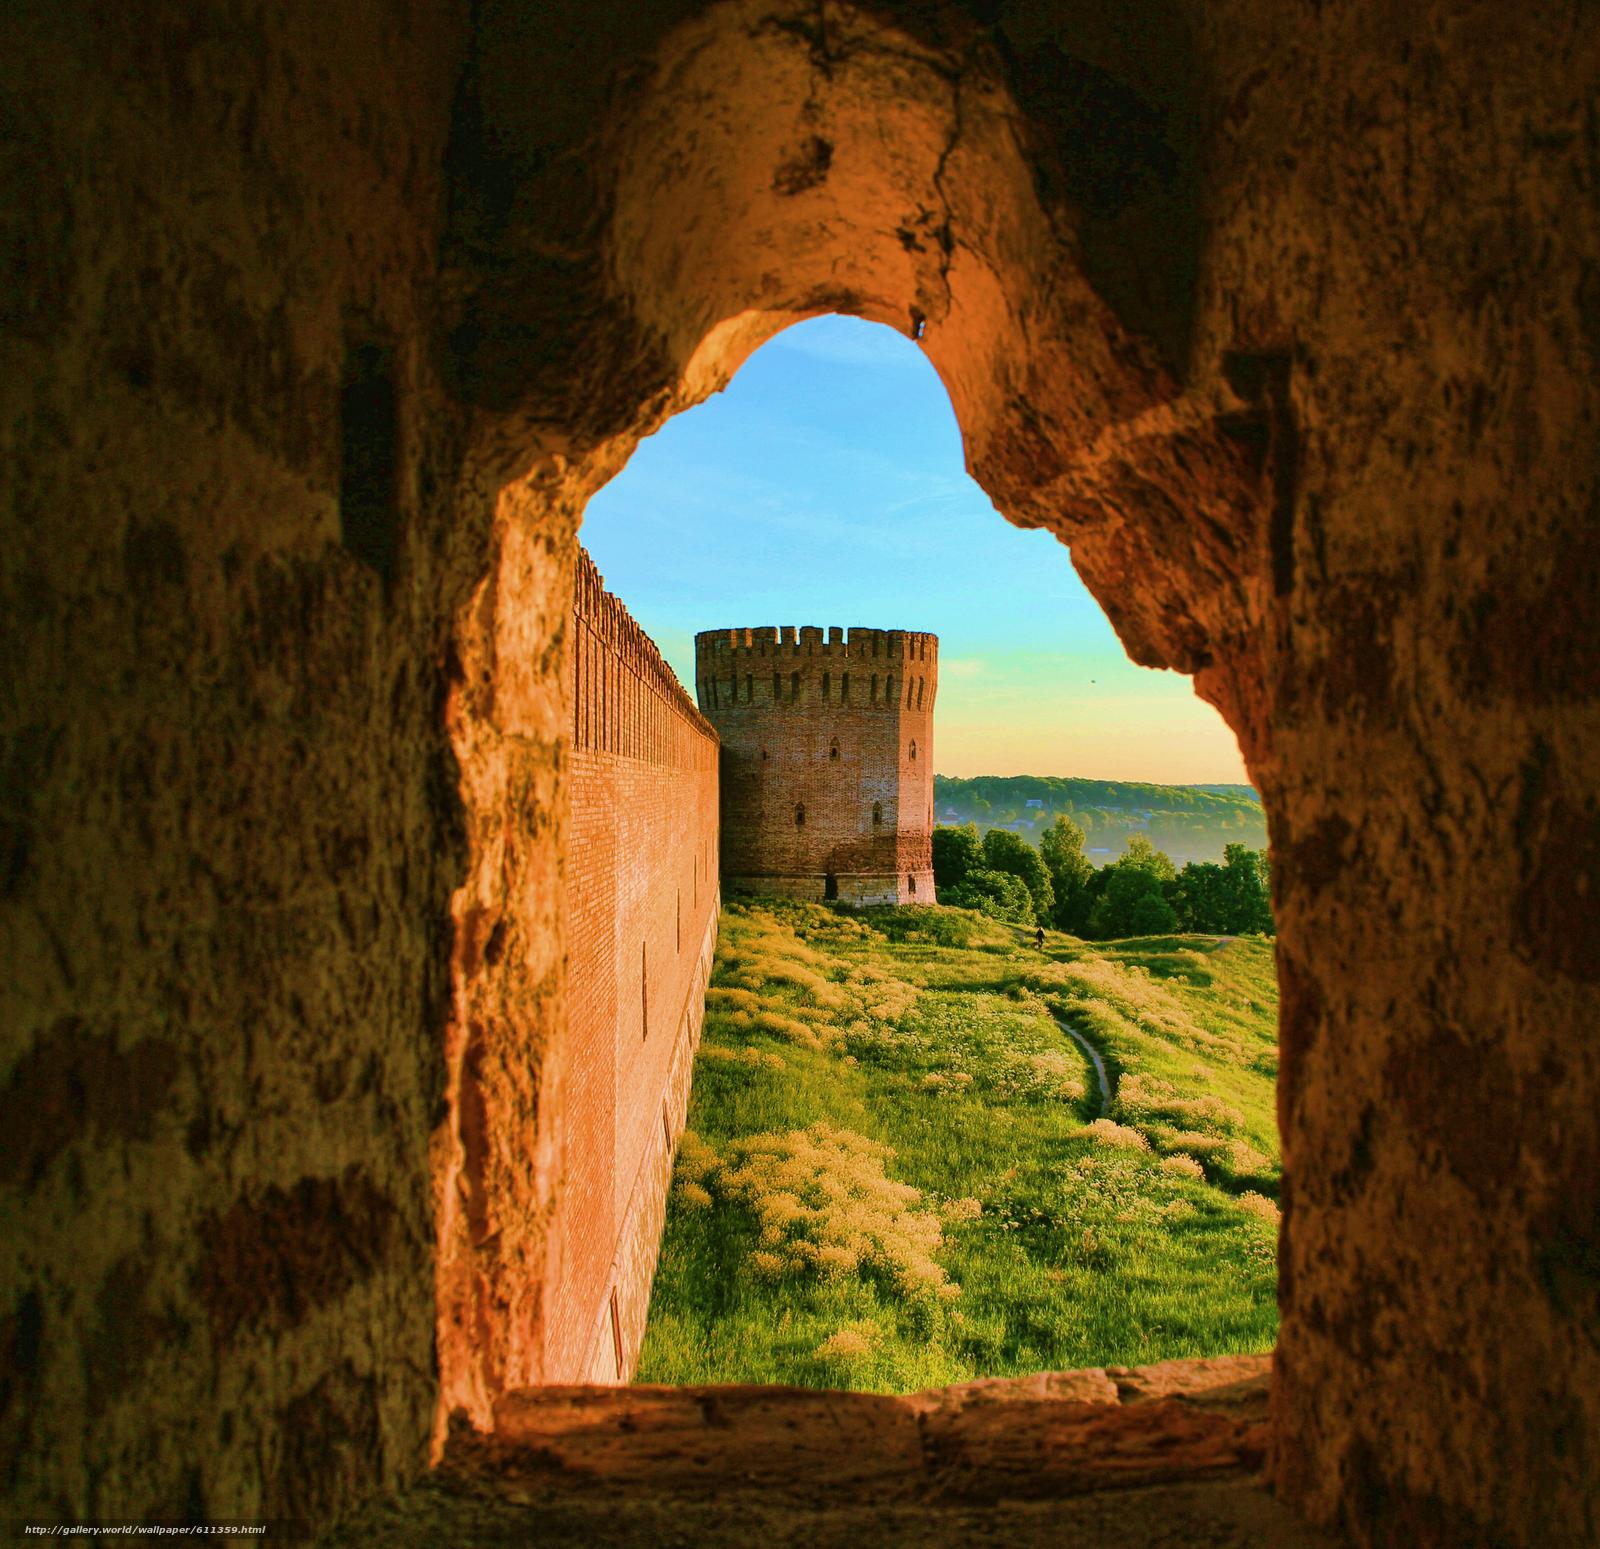 Смоленск: путь из варяг в греки